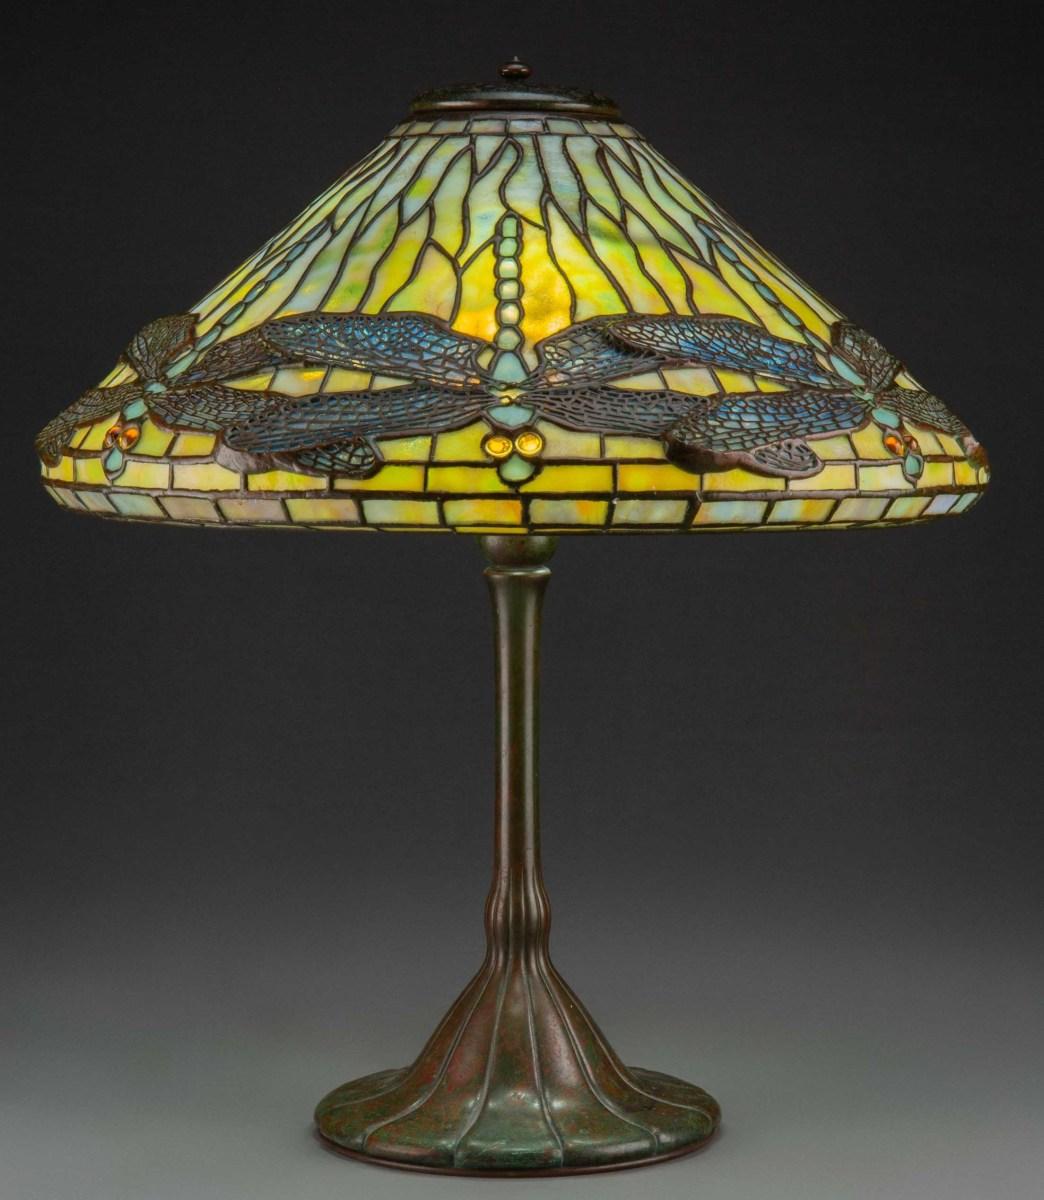 Tiffany dragonfly lamp